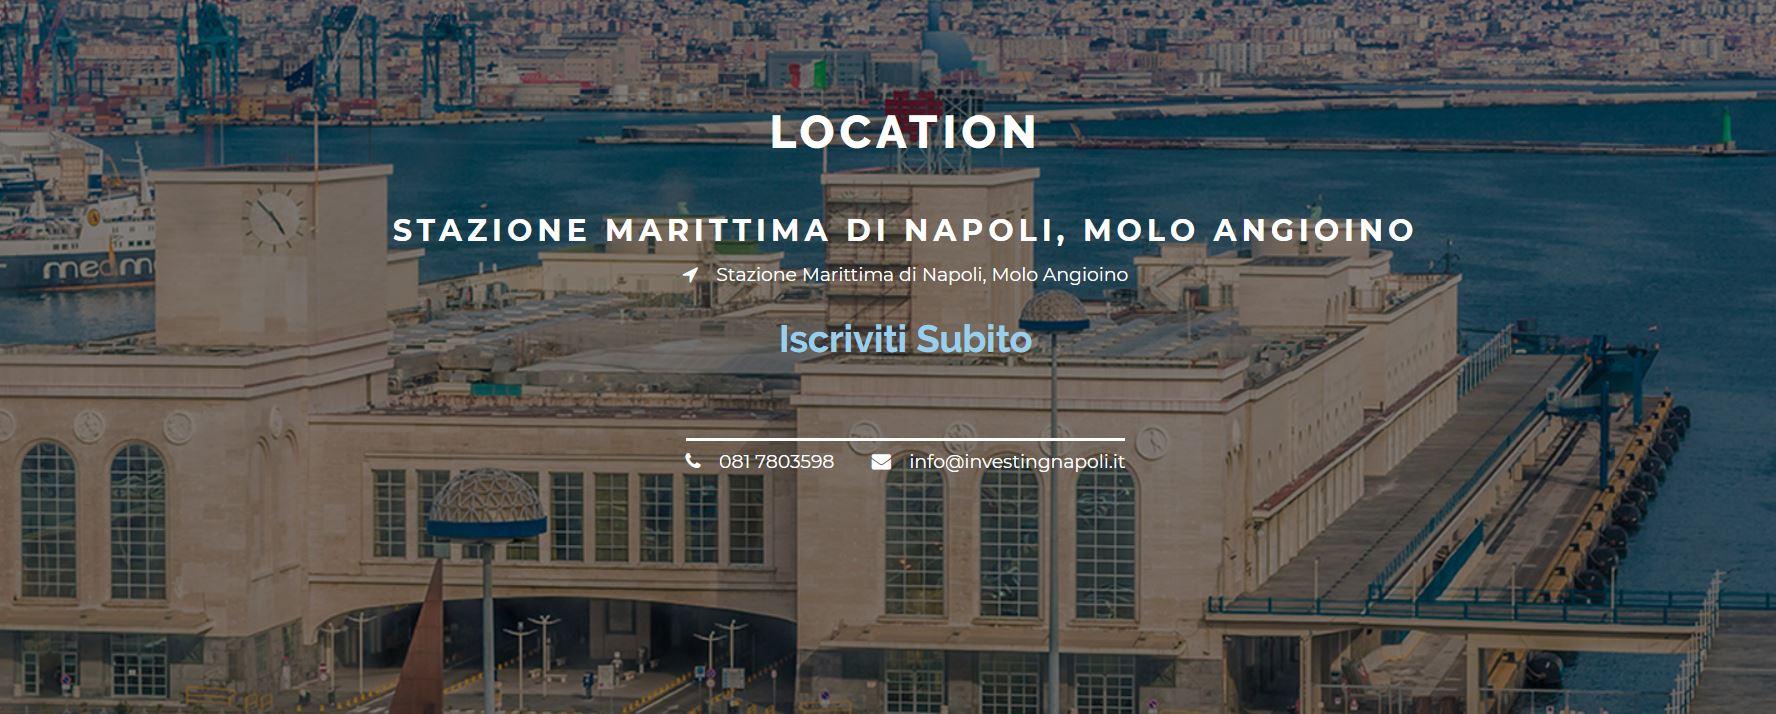 Corsi di Trading a Napoli